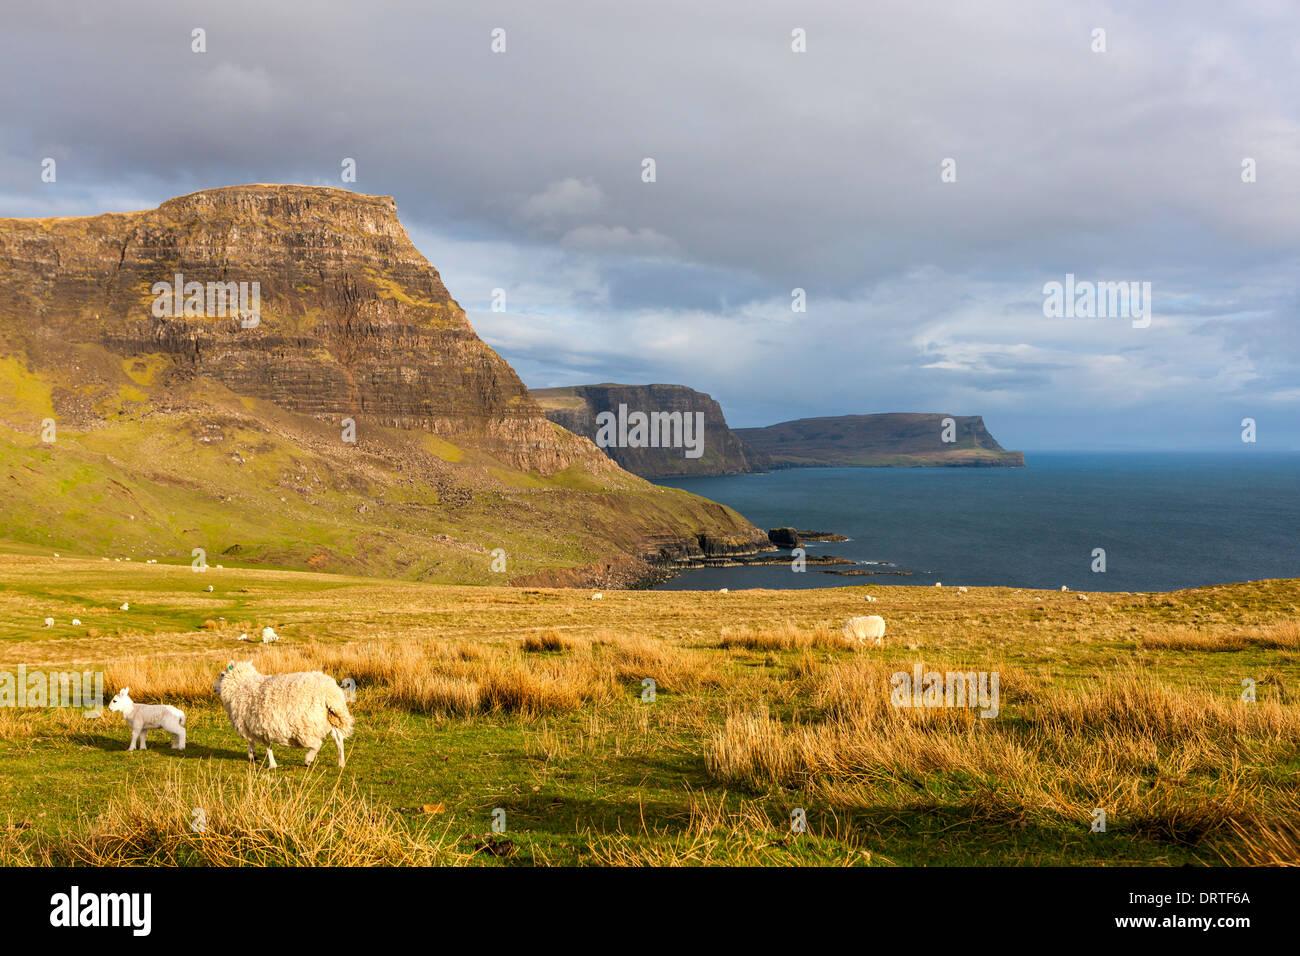 Una vista verso Waterstein Testa e scogliere Ramasaig, Moonen Bay, Isola di Skye, Ebridi Interne, Scozia, Regno Unito, Europa. Foto Stock